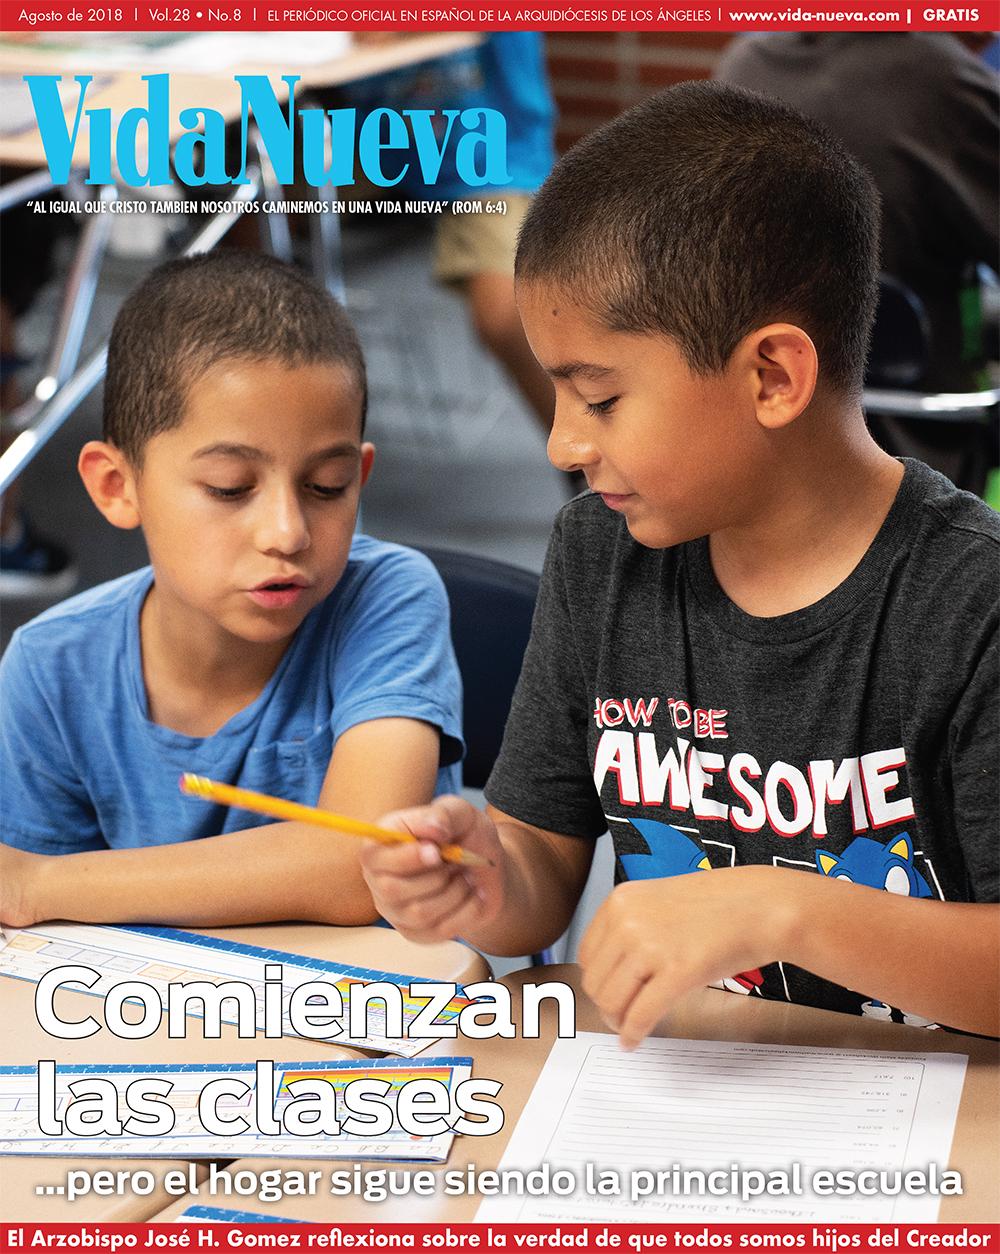 COMIENZAN LAS CLASES